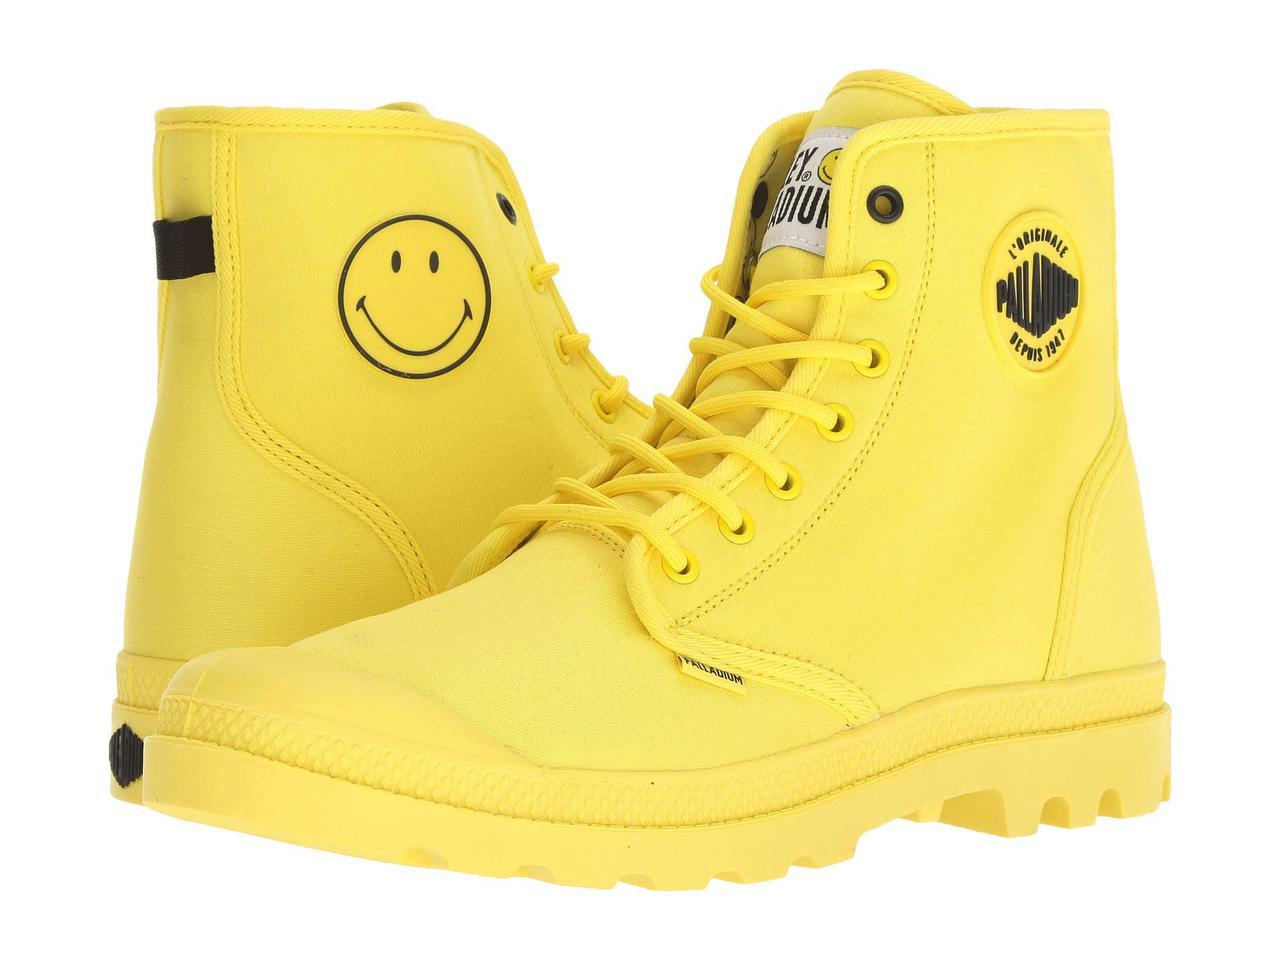 Ботинки Сапоги (Оригинал) Palladium Pampa Smiley Festbag Blazing Yellow d37d714e95659